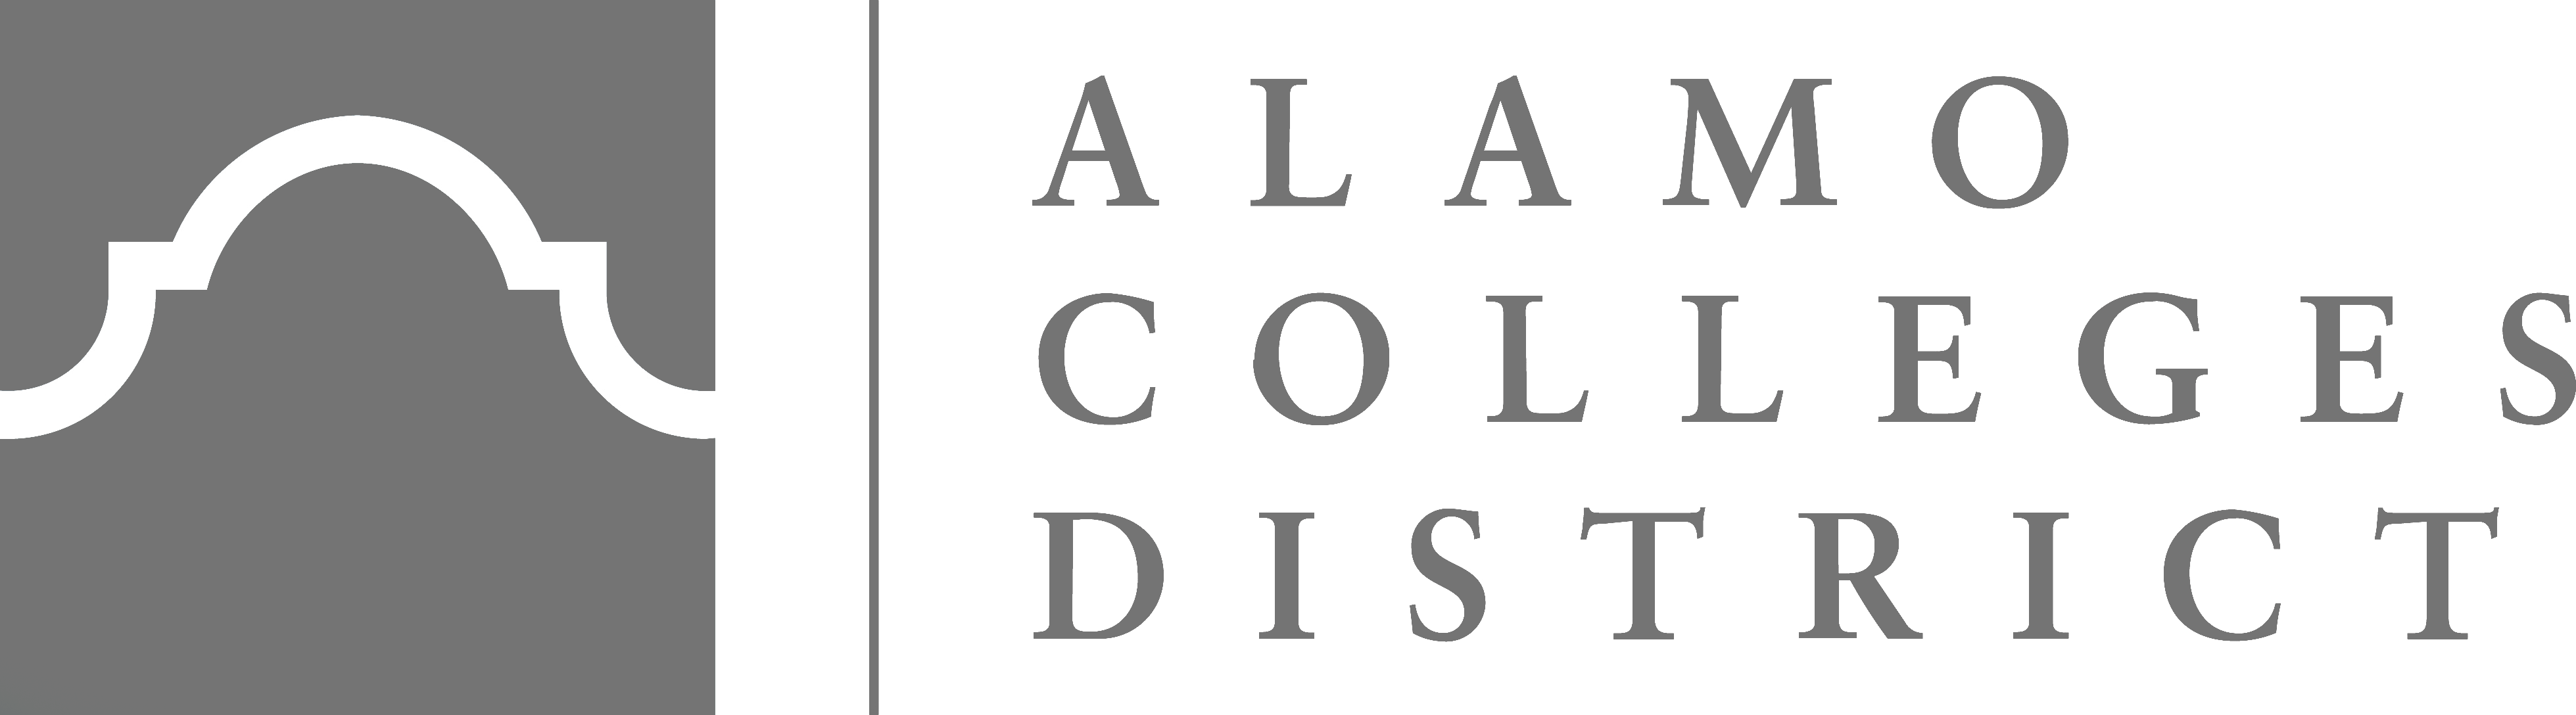 Projectmates Construction Project Management Software Alamo College District